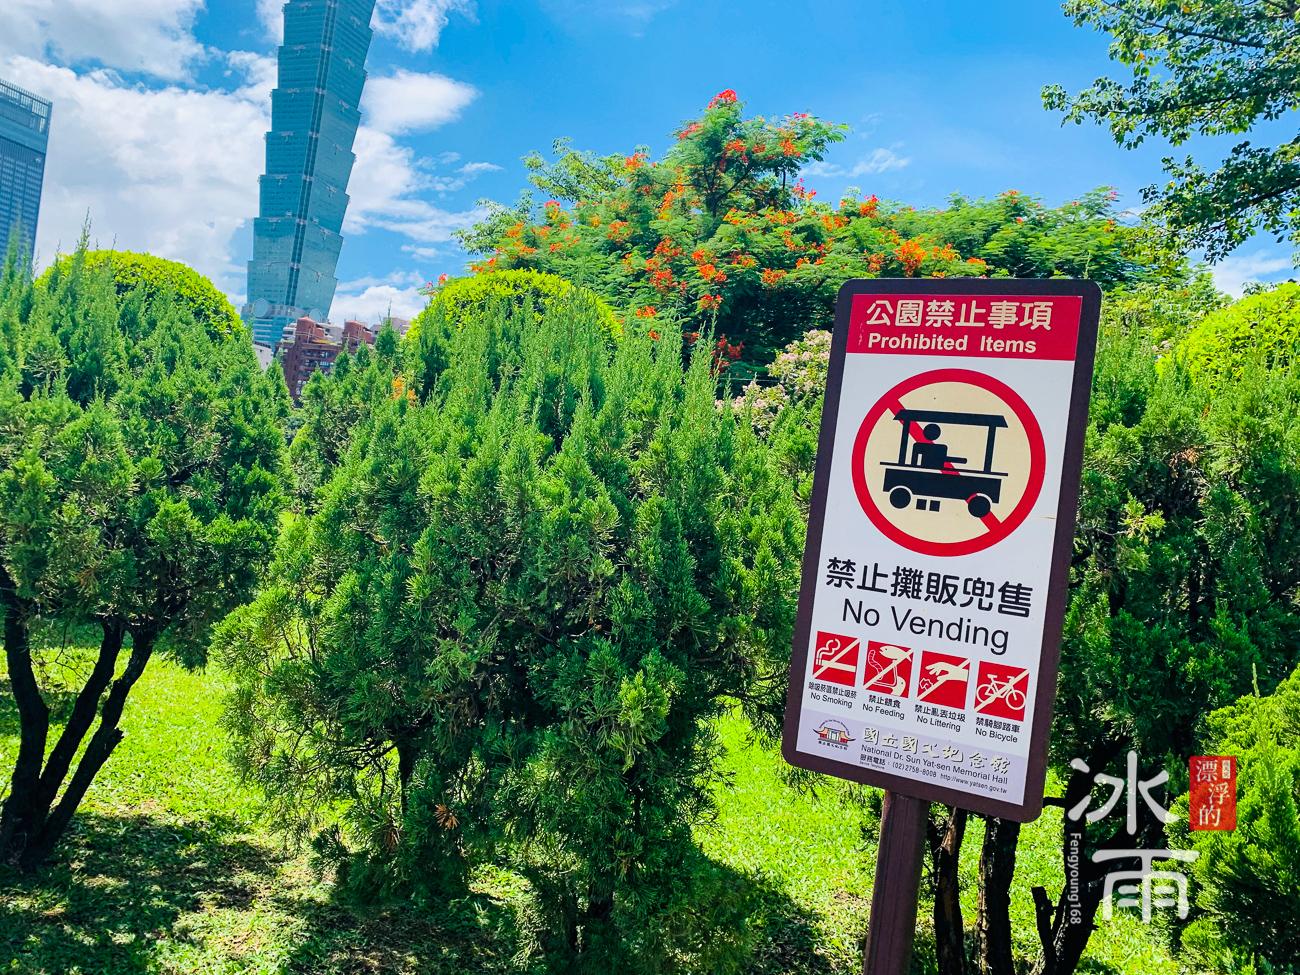 國父紀念館|禁止標示